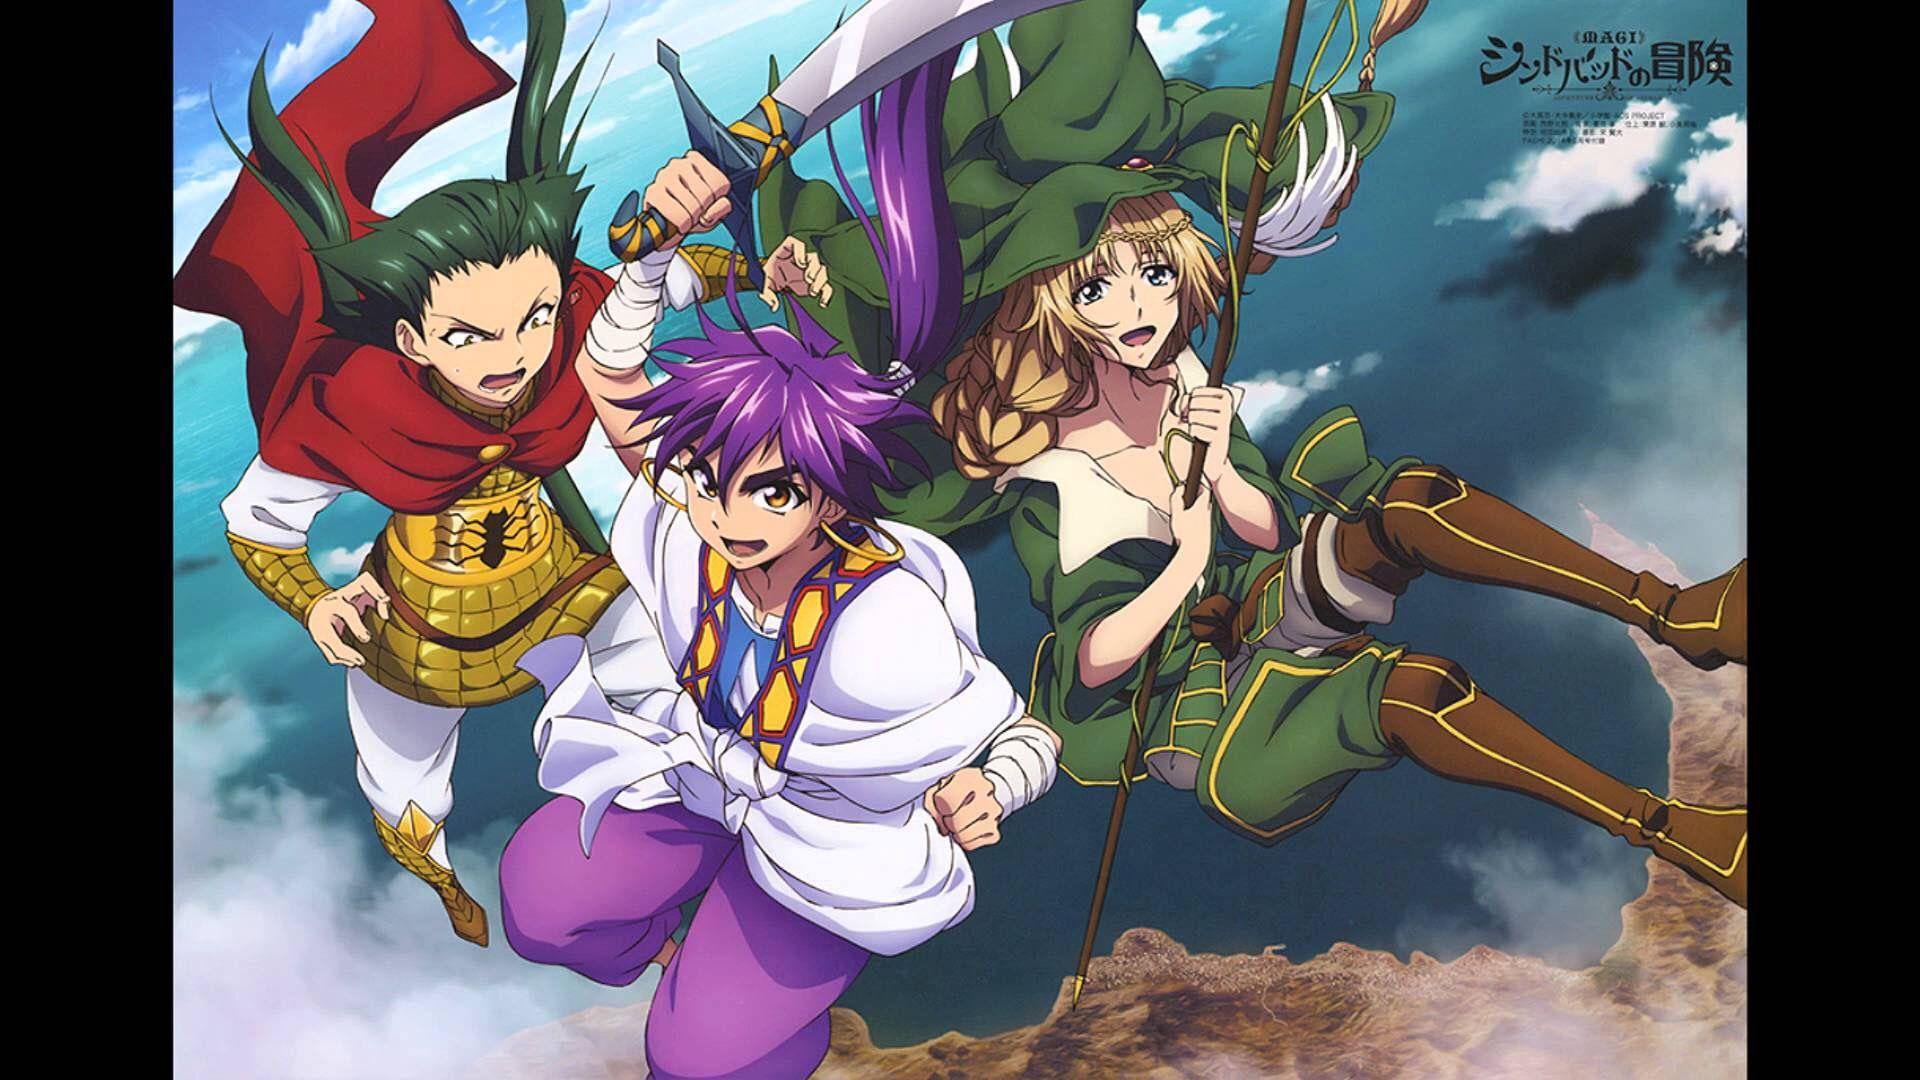 Magi Adventures of Sinbad Anime magi, Magi adventures